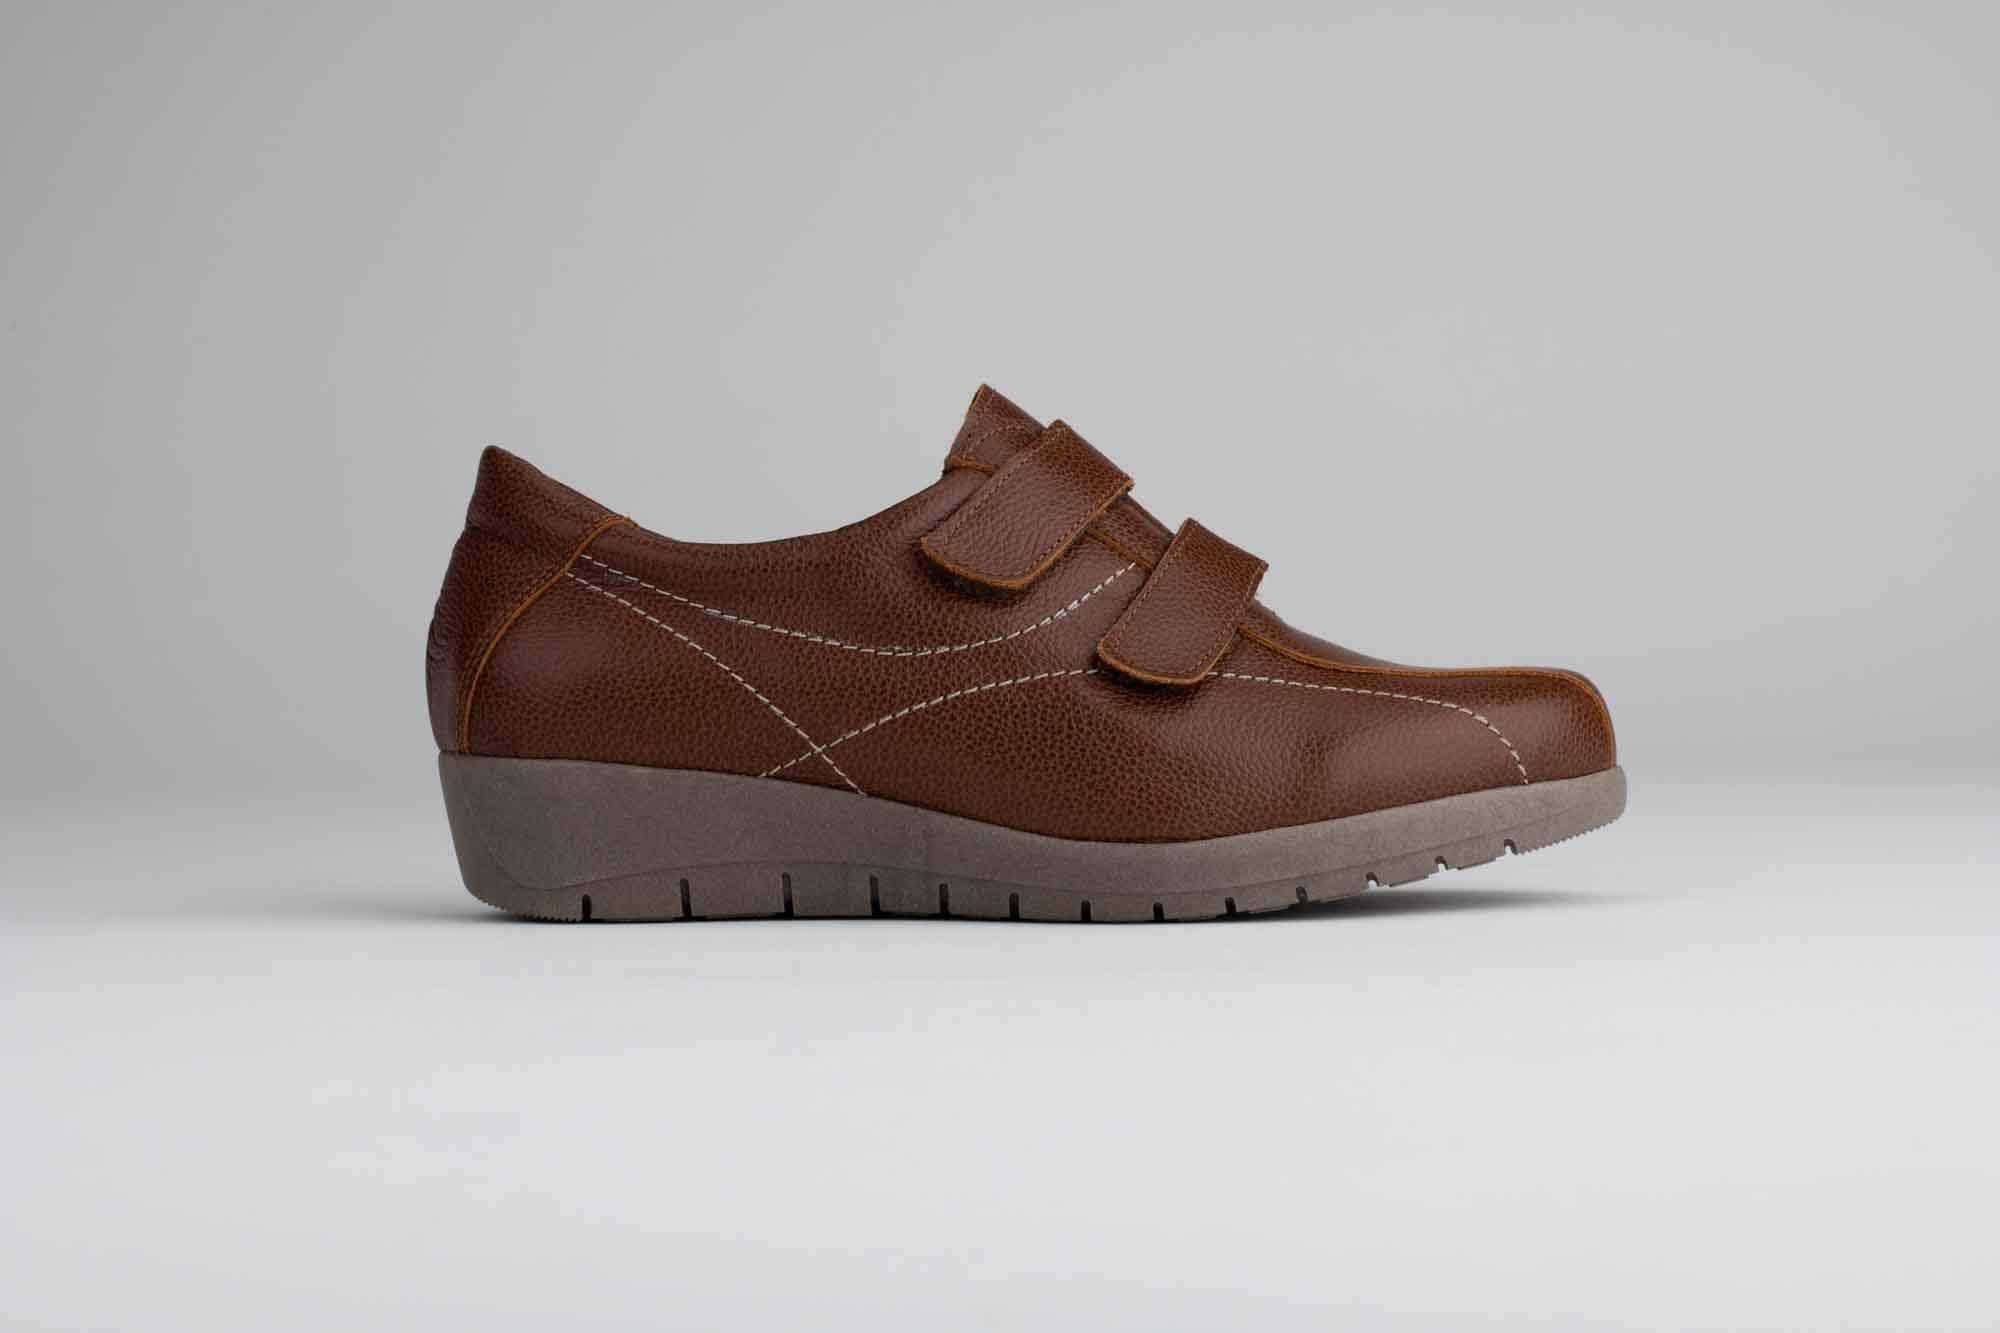 Foto de estudio de zapatos marrón claro